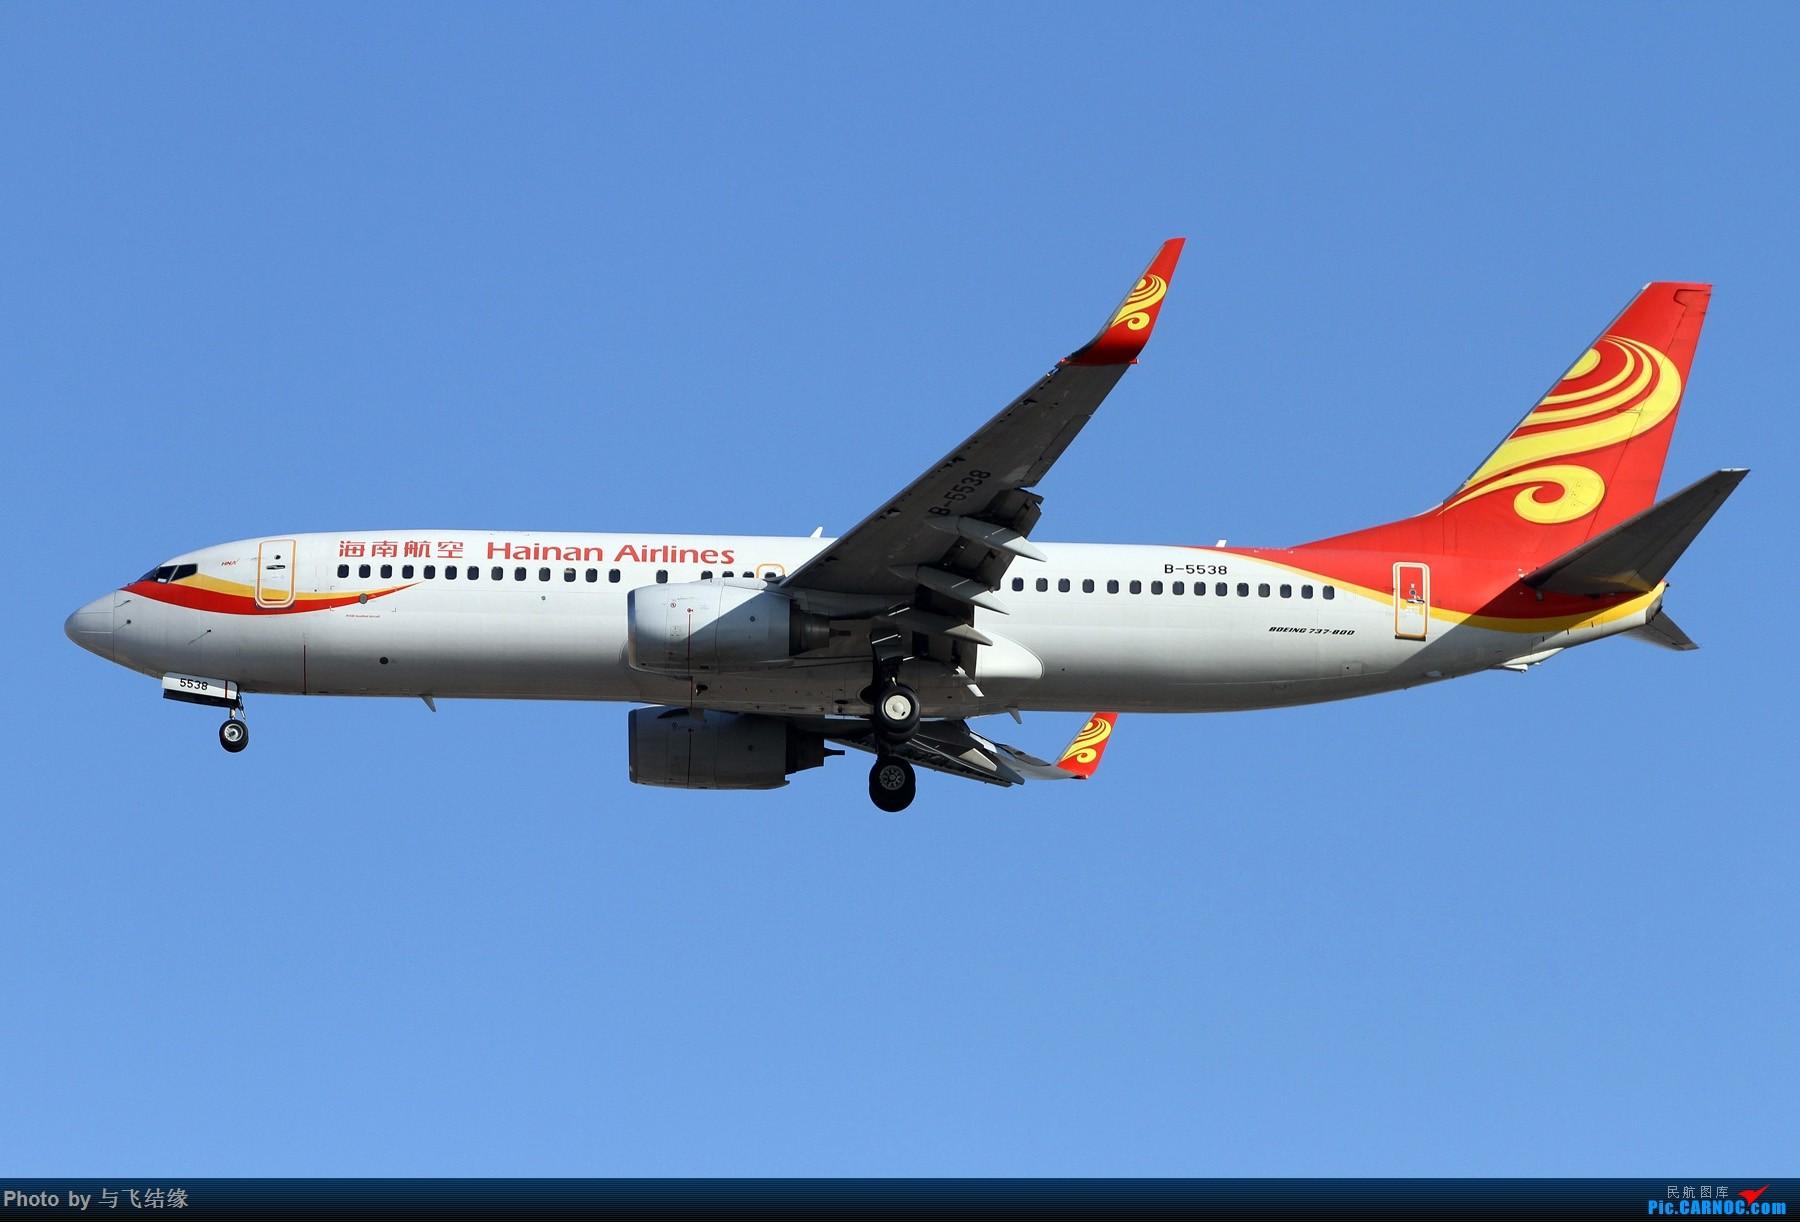 Re:[原创]十二月十号天气不错,楼了几张拙作出来露个脸发一下。 BOEING 737-800 B-5538 中国北京首都国际机场